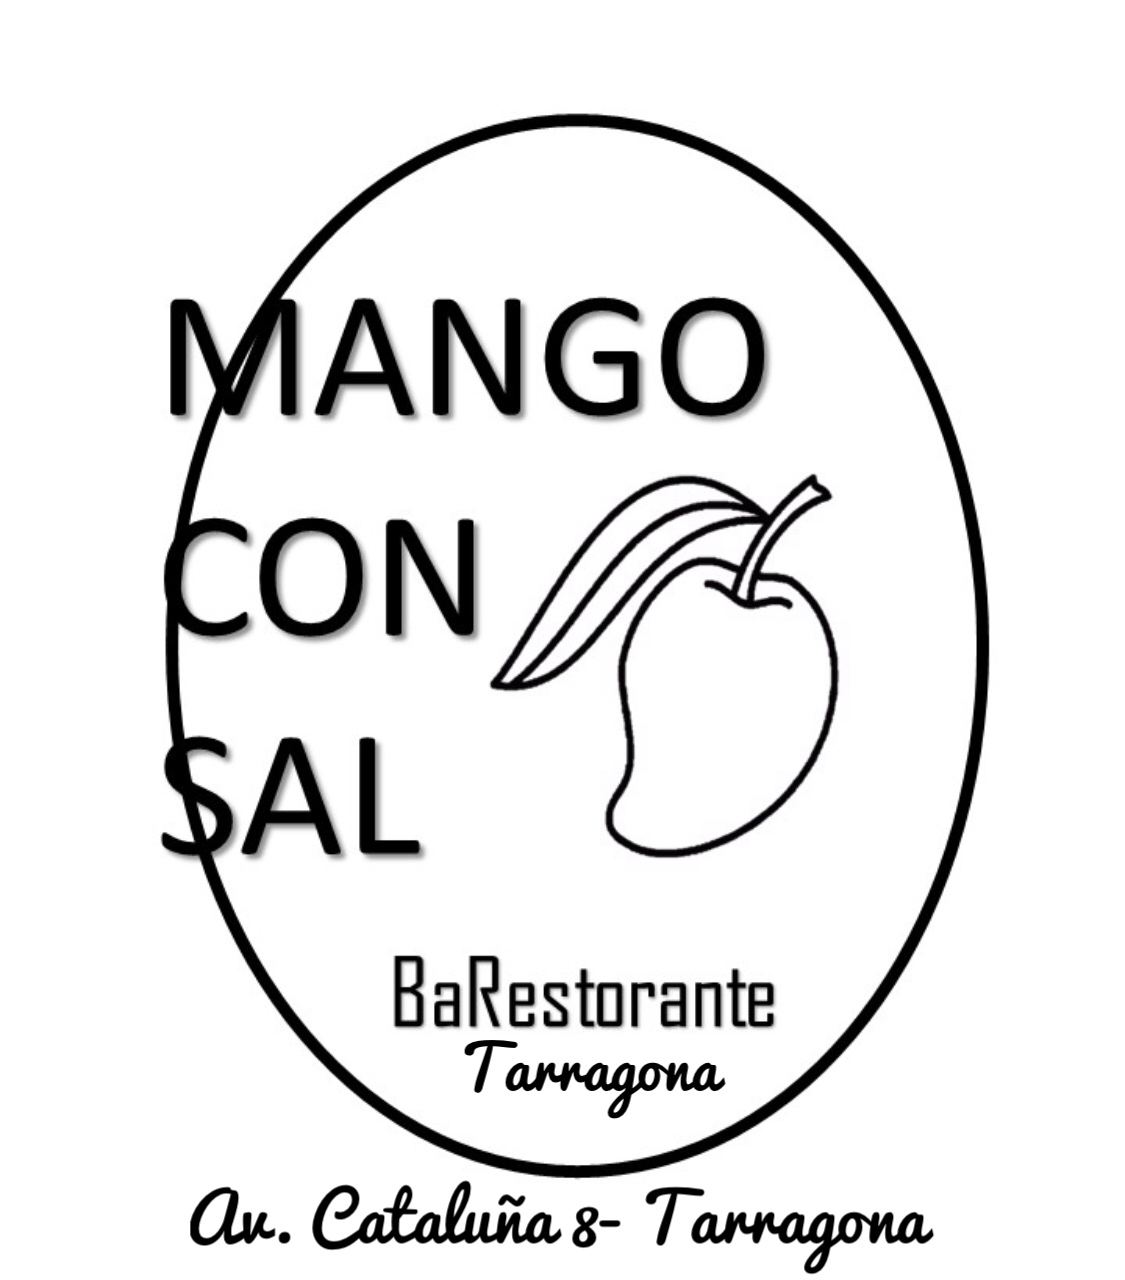 Logo comerç Mango con sal - Tarragona